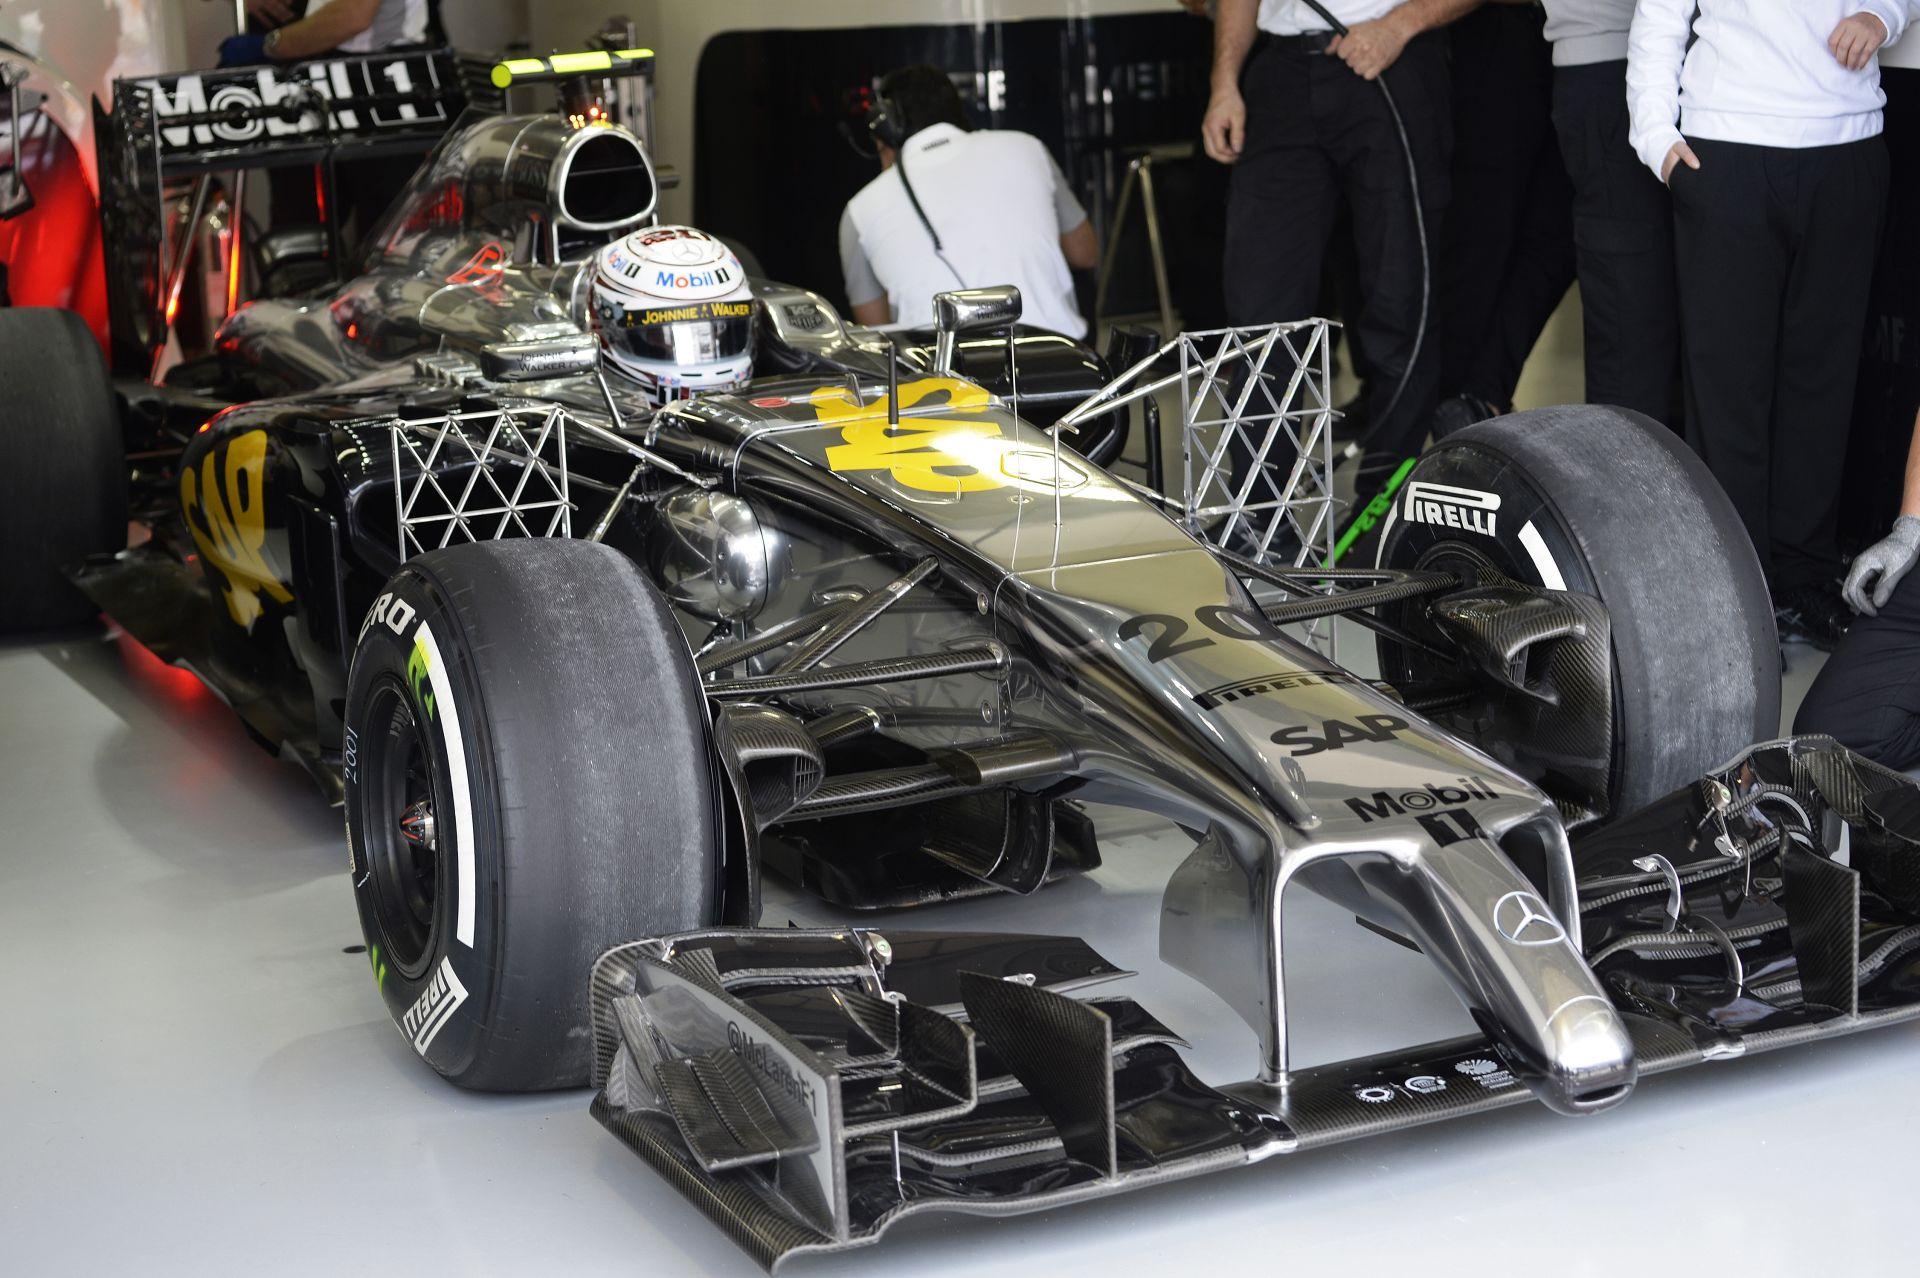 Valami egészen újjal készül a McLaren Abu Dhabira: Ez már a hibrid McLaren-Honda lesz, Mercedes motorral